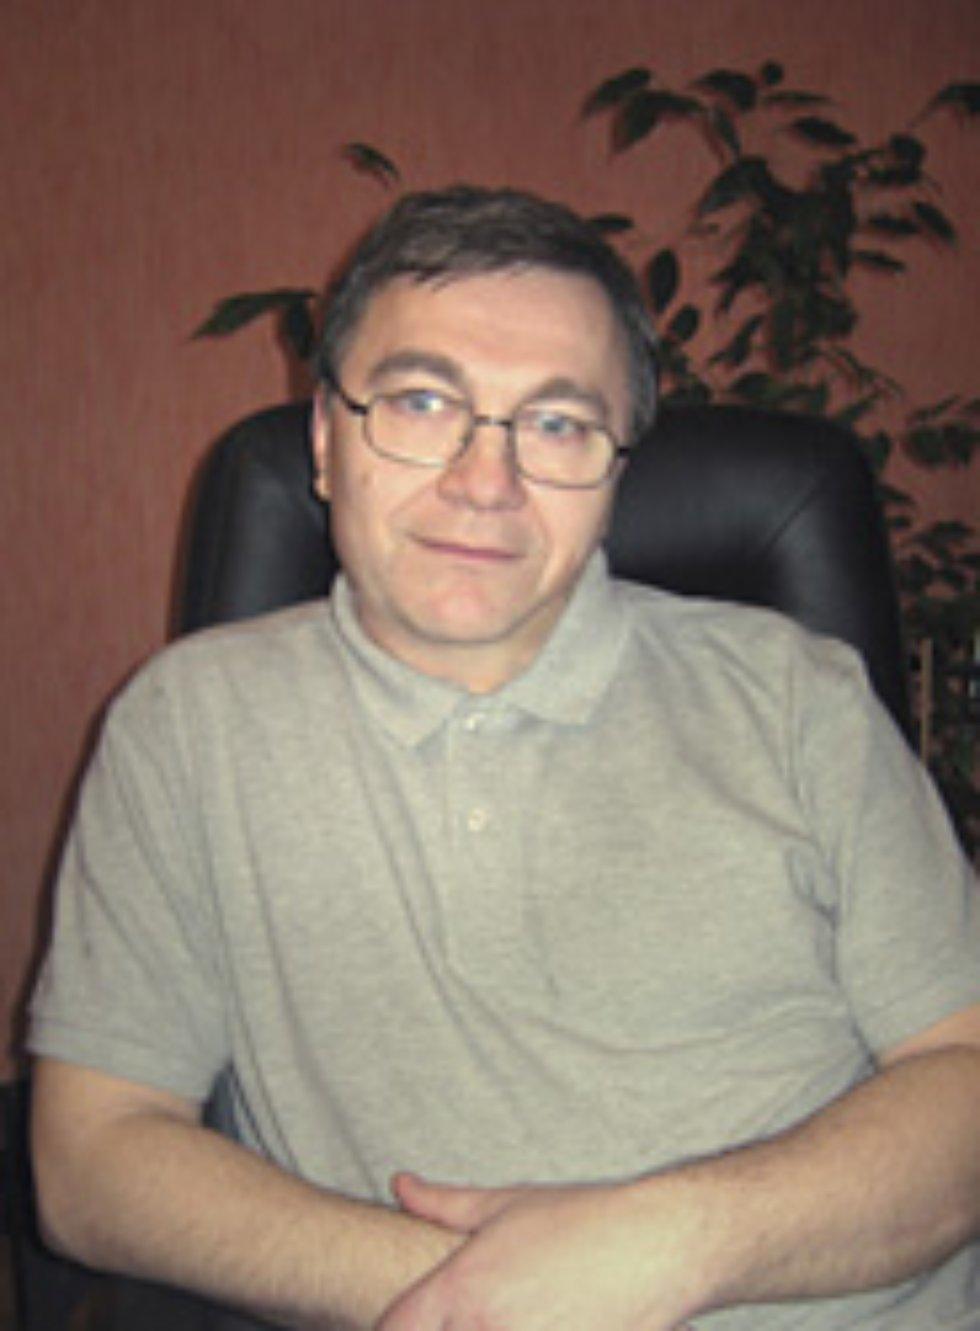 Петров Сергей Игорьевич